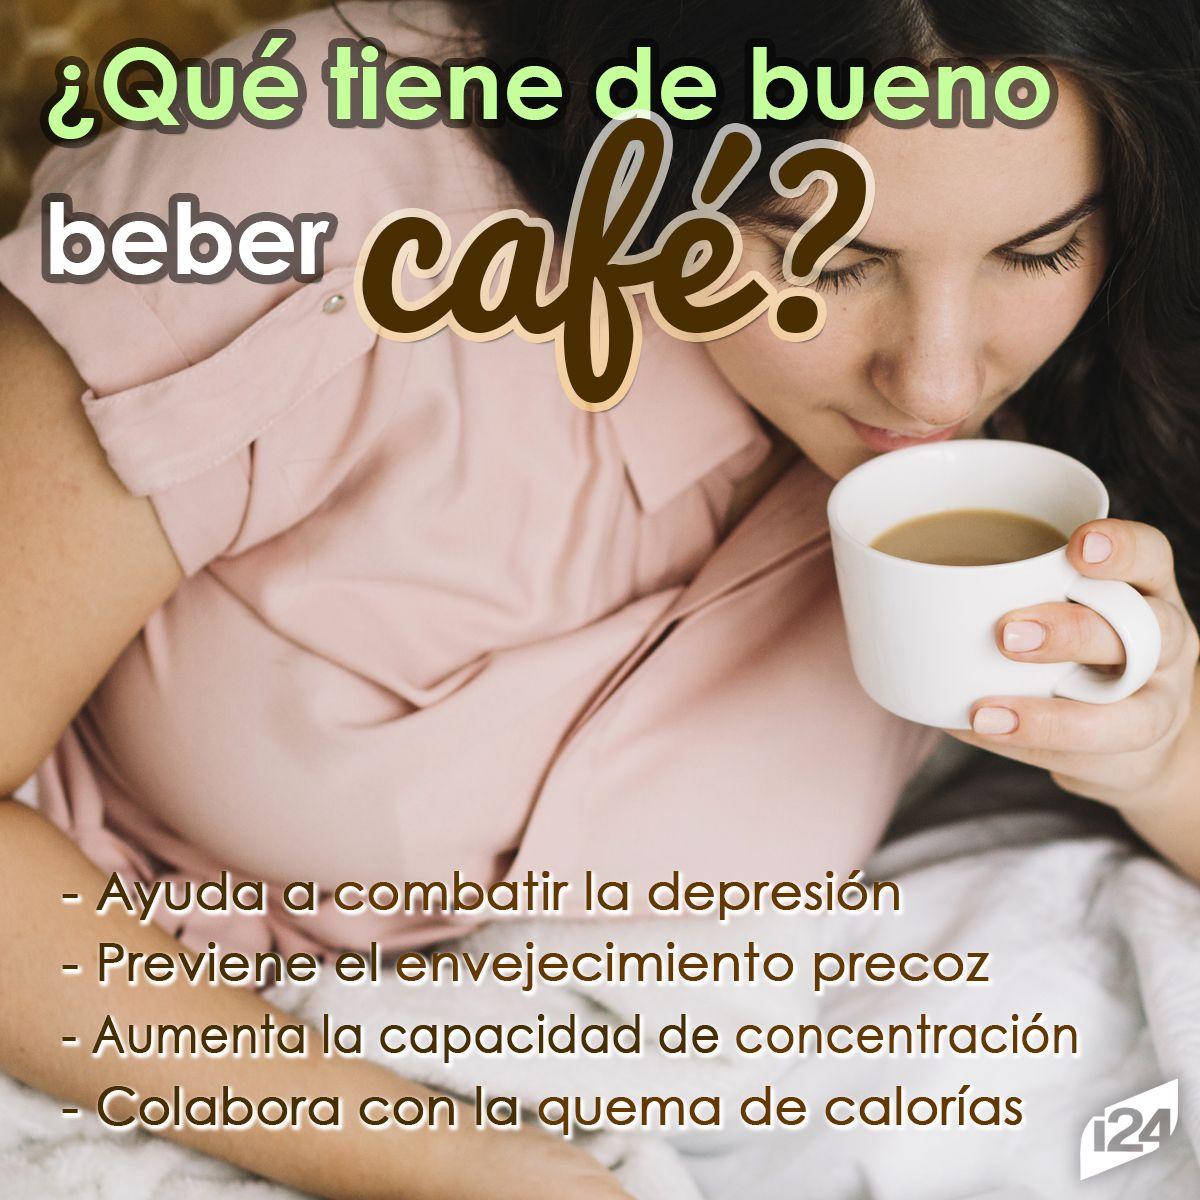 Beber cafe adelgazar